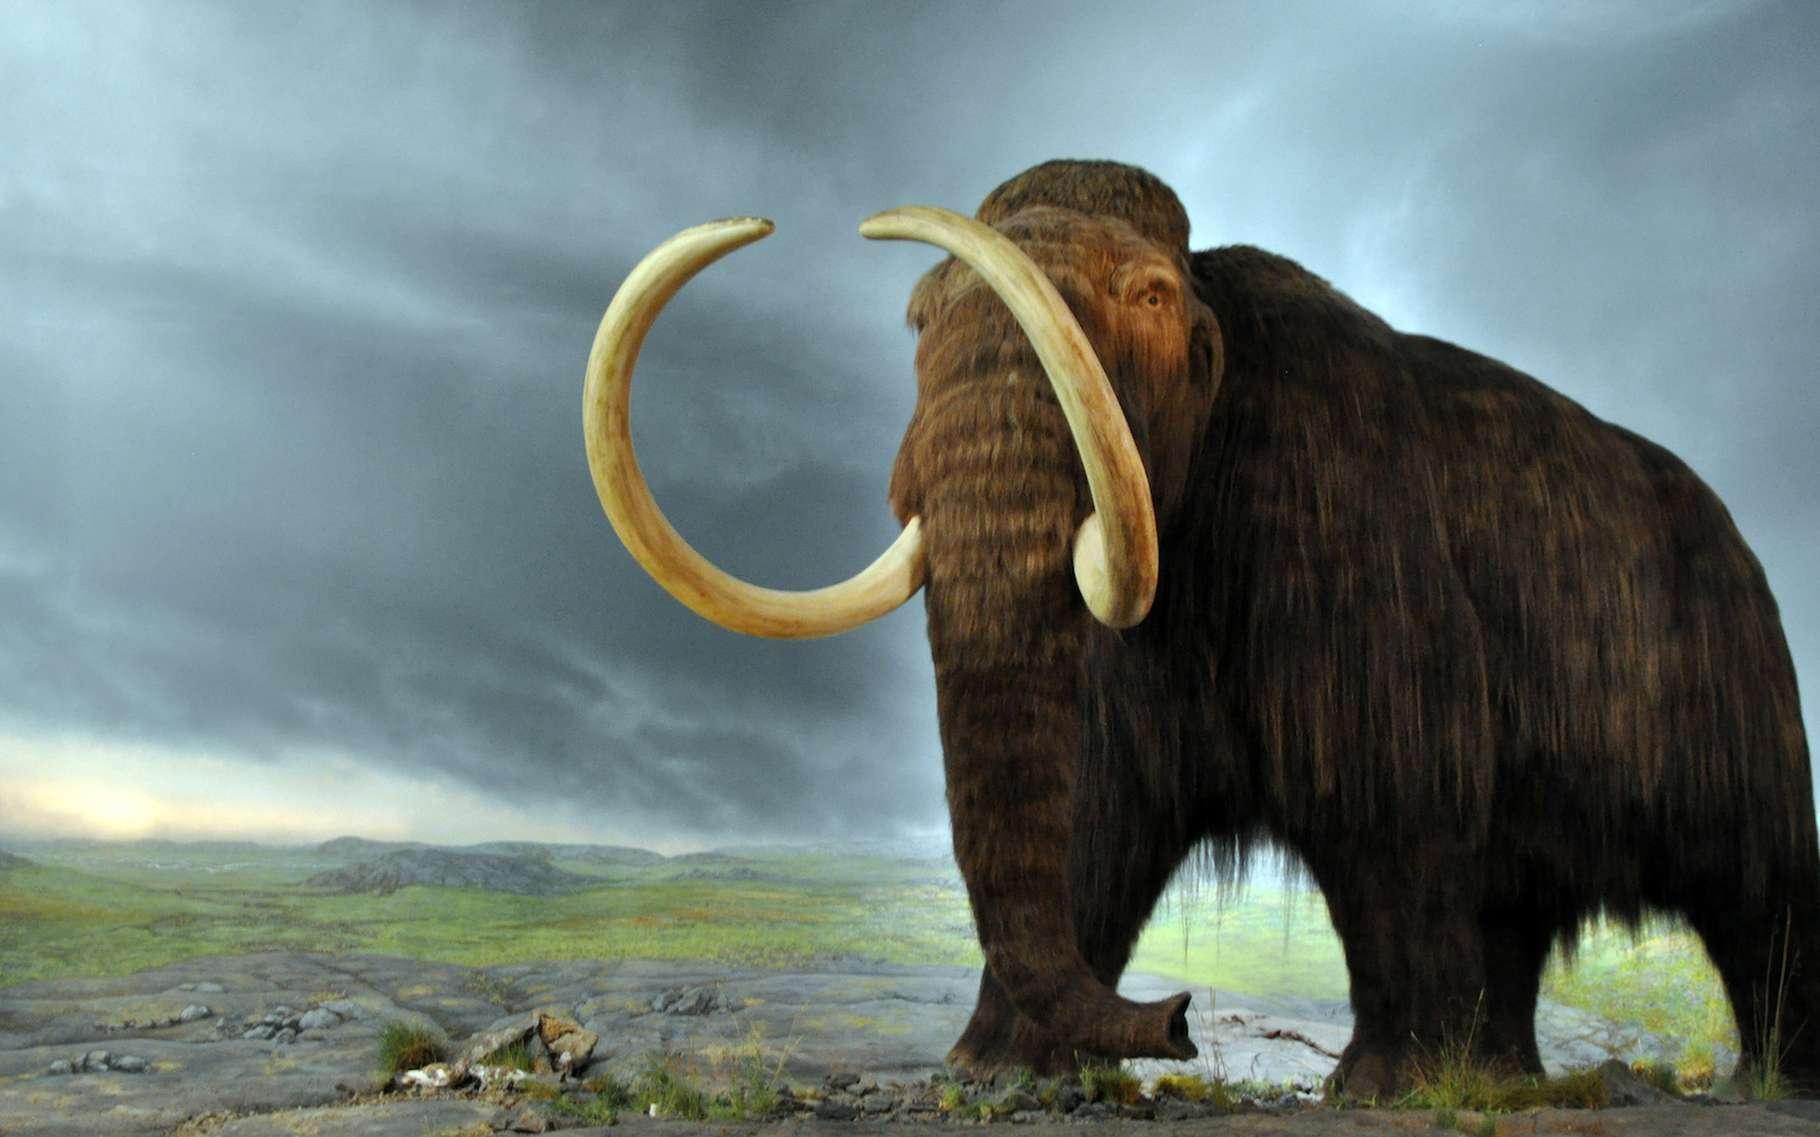 Les vieux Sibériens du Nord, un nouveau groupe humain identifié récemment par des chercheurs, vivaient de la chasse aux mammouths, aux rhinocéros laineux et aux bisons. © Flying Puffin, Wikipedia, CC by-sa 2.0